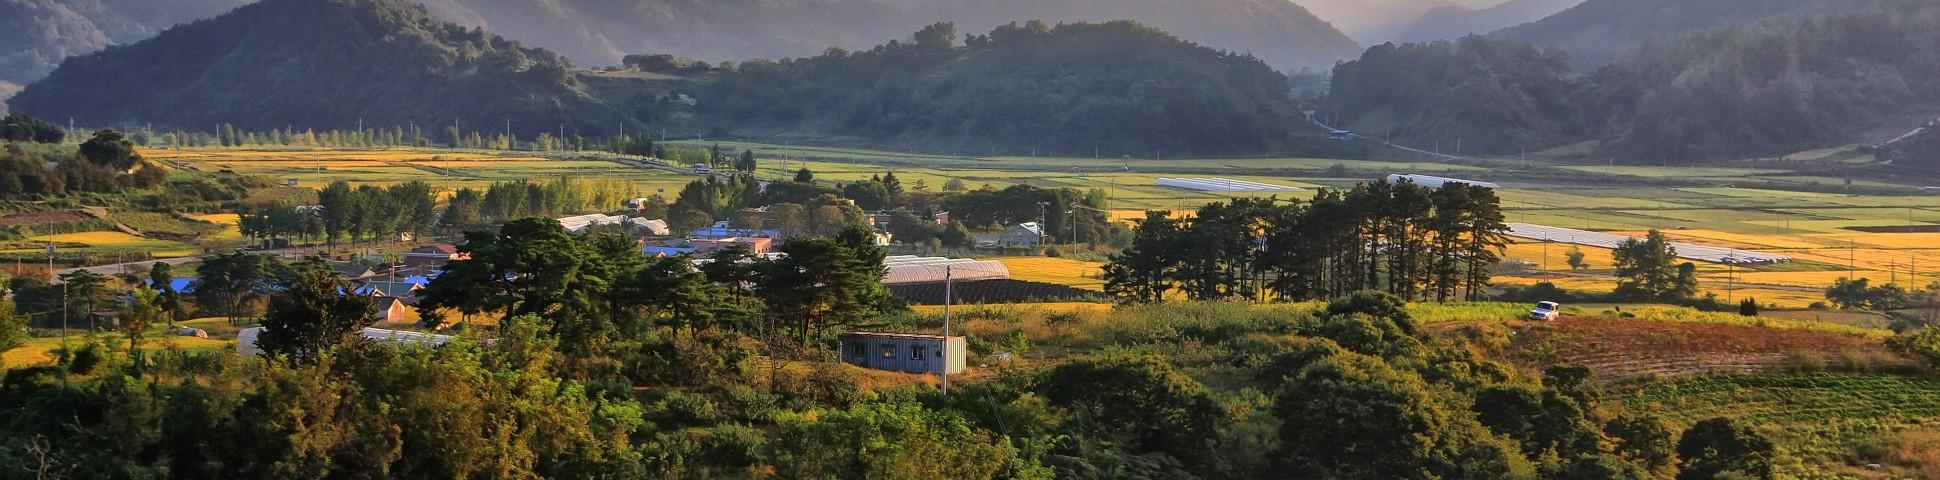 Chungcheongbuk-do region in South Korea